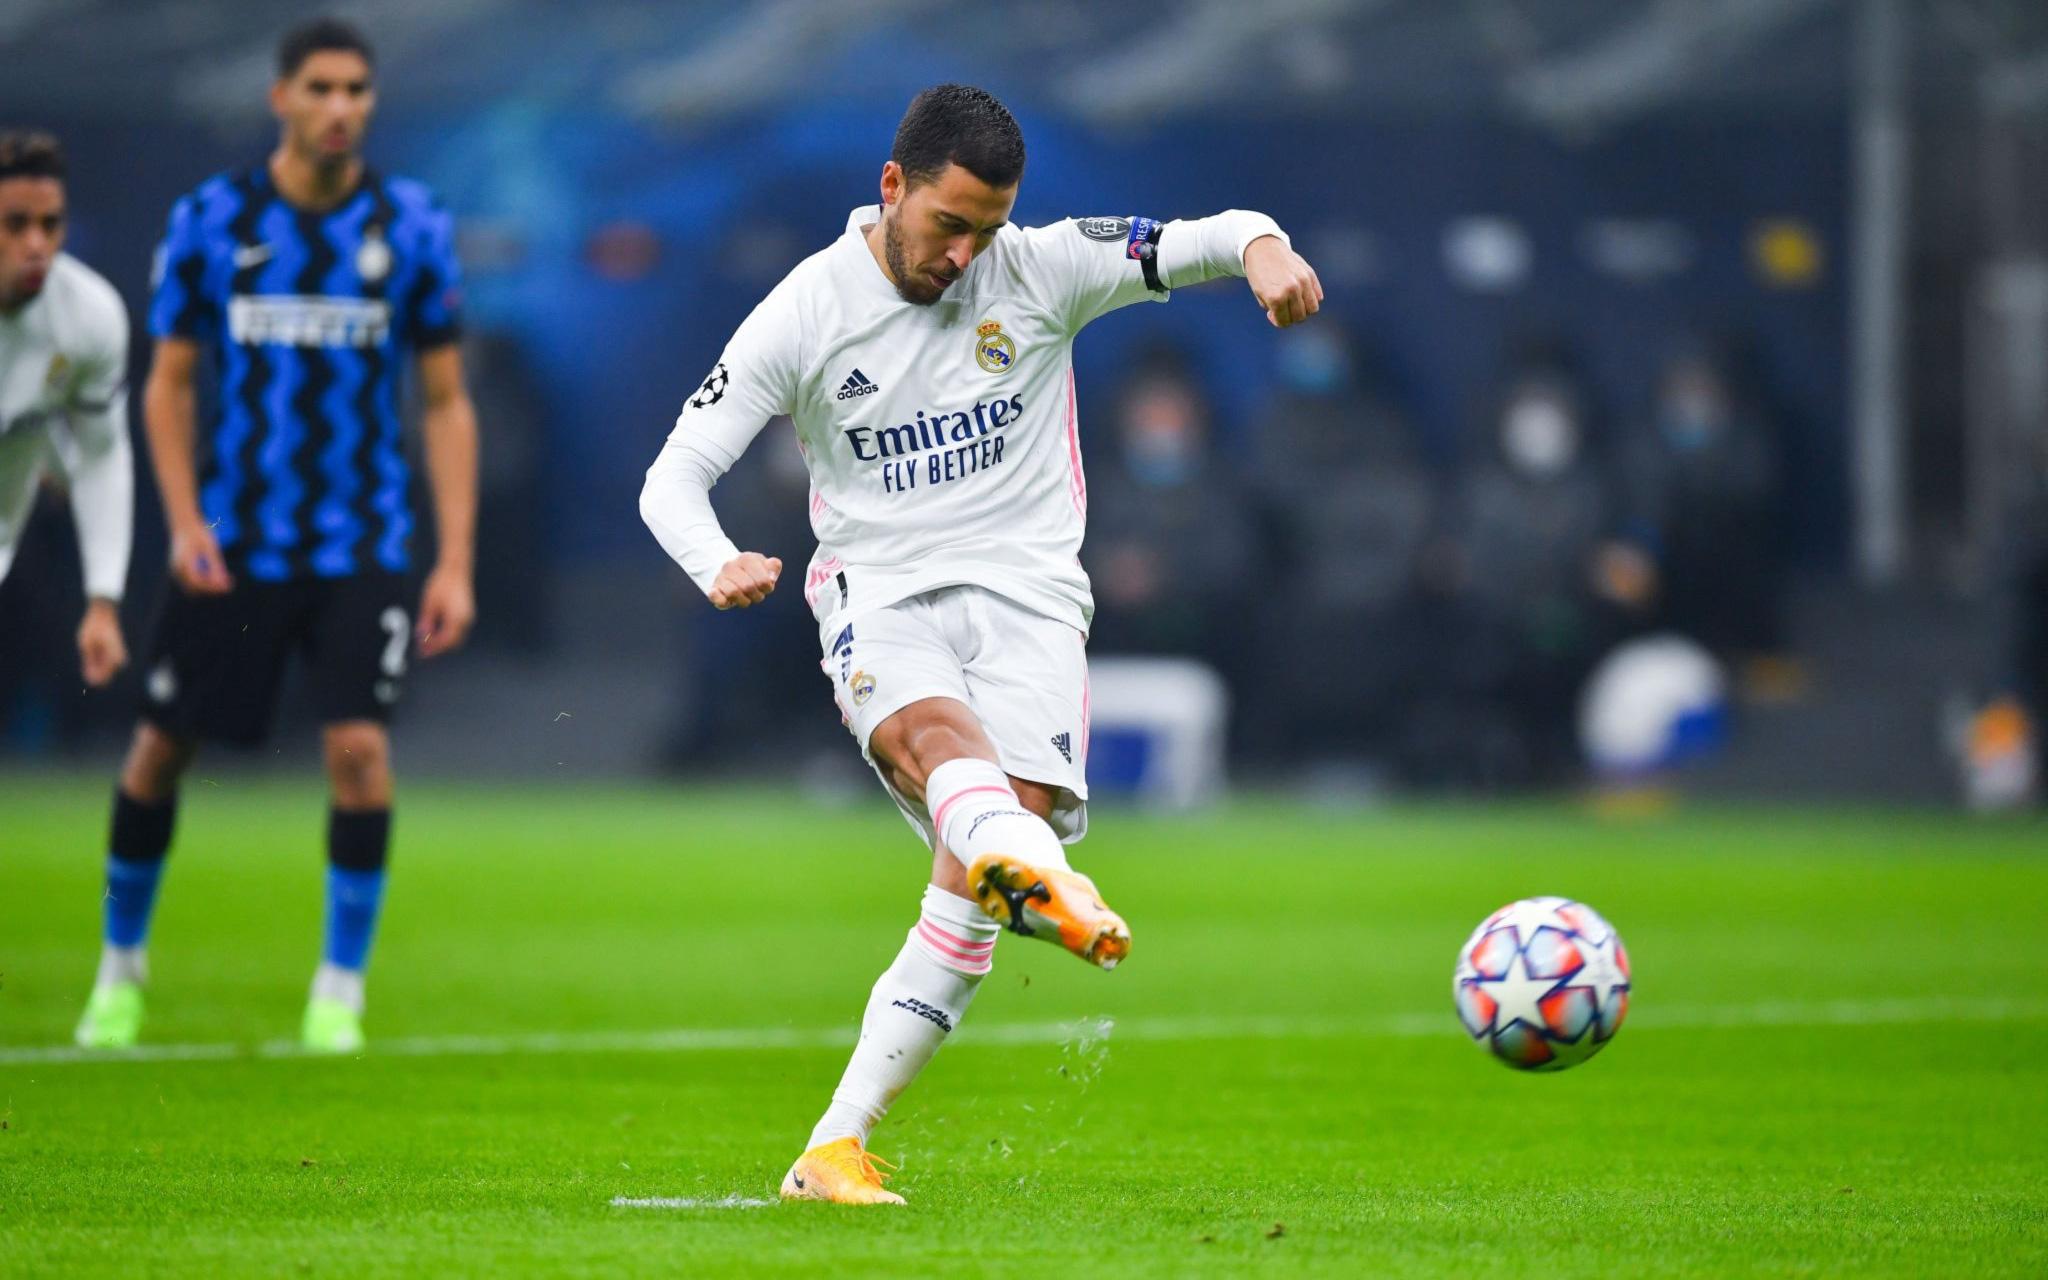 Sốc với giá trị của Hazard: Mỗi phút tốn của Real Madrid một chiếc Audi Q7 2020